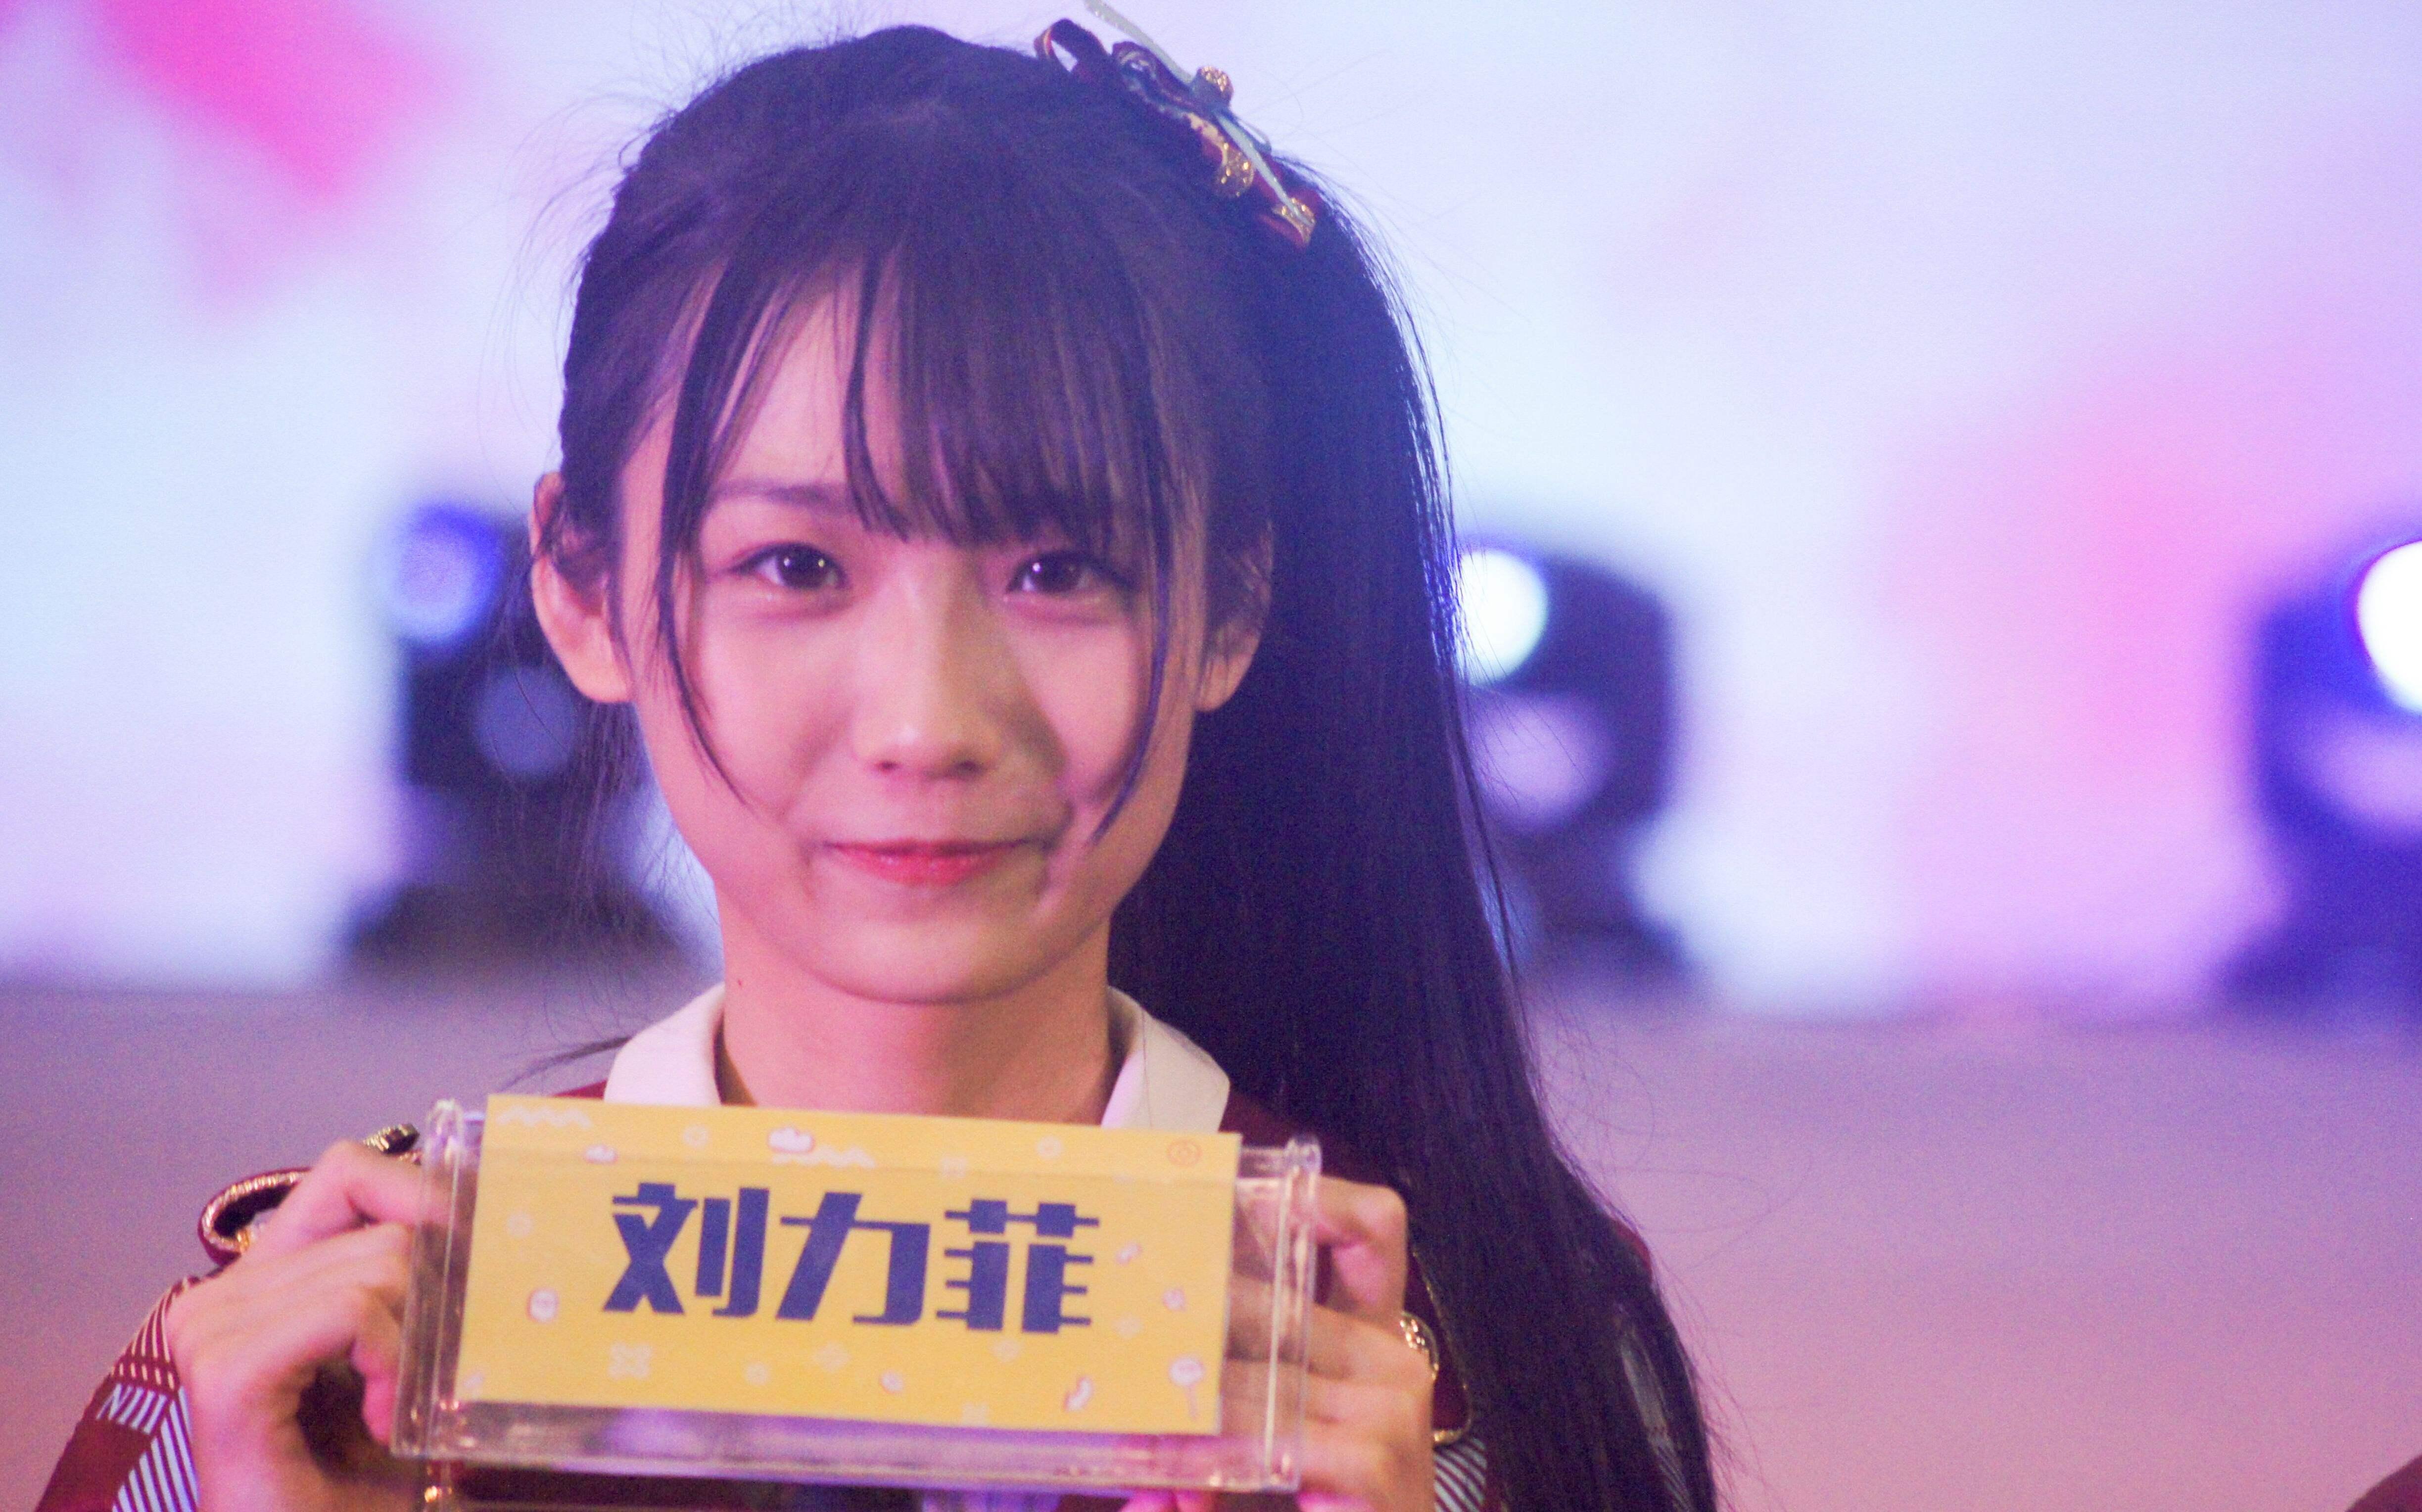 SNH48GROUP年度总决选来了!95后偶像李艺彤能实现去年的霸气喊话么